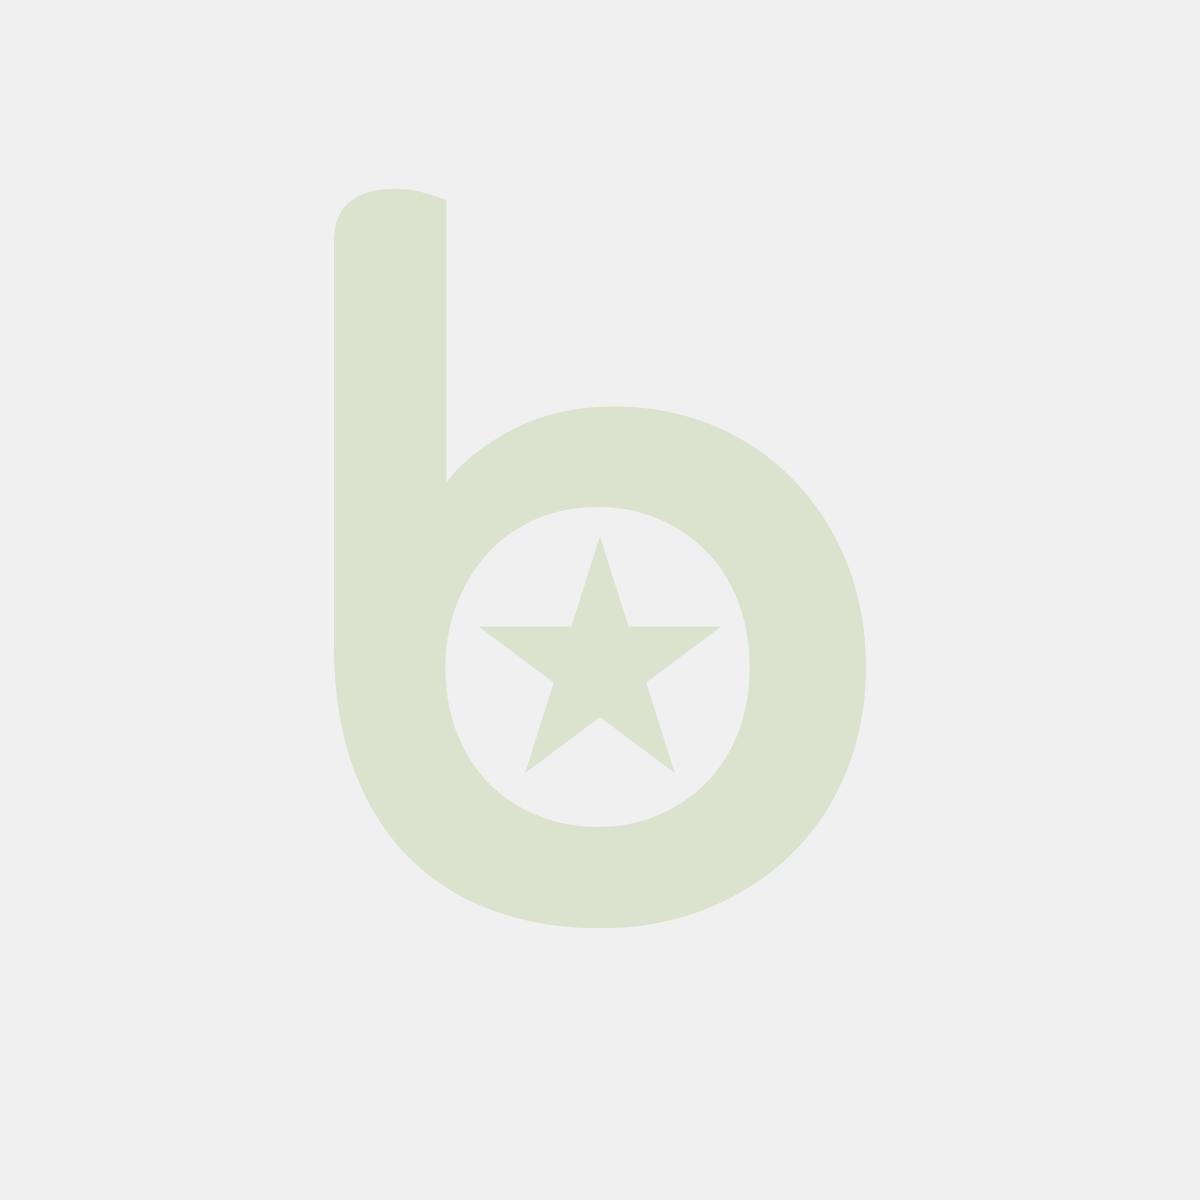 Serwety białe tłuszczoodporne PP pr. 32x17cm (250szt)